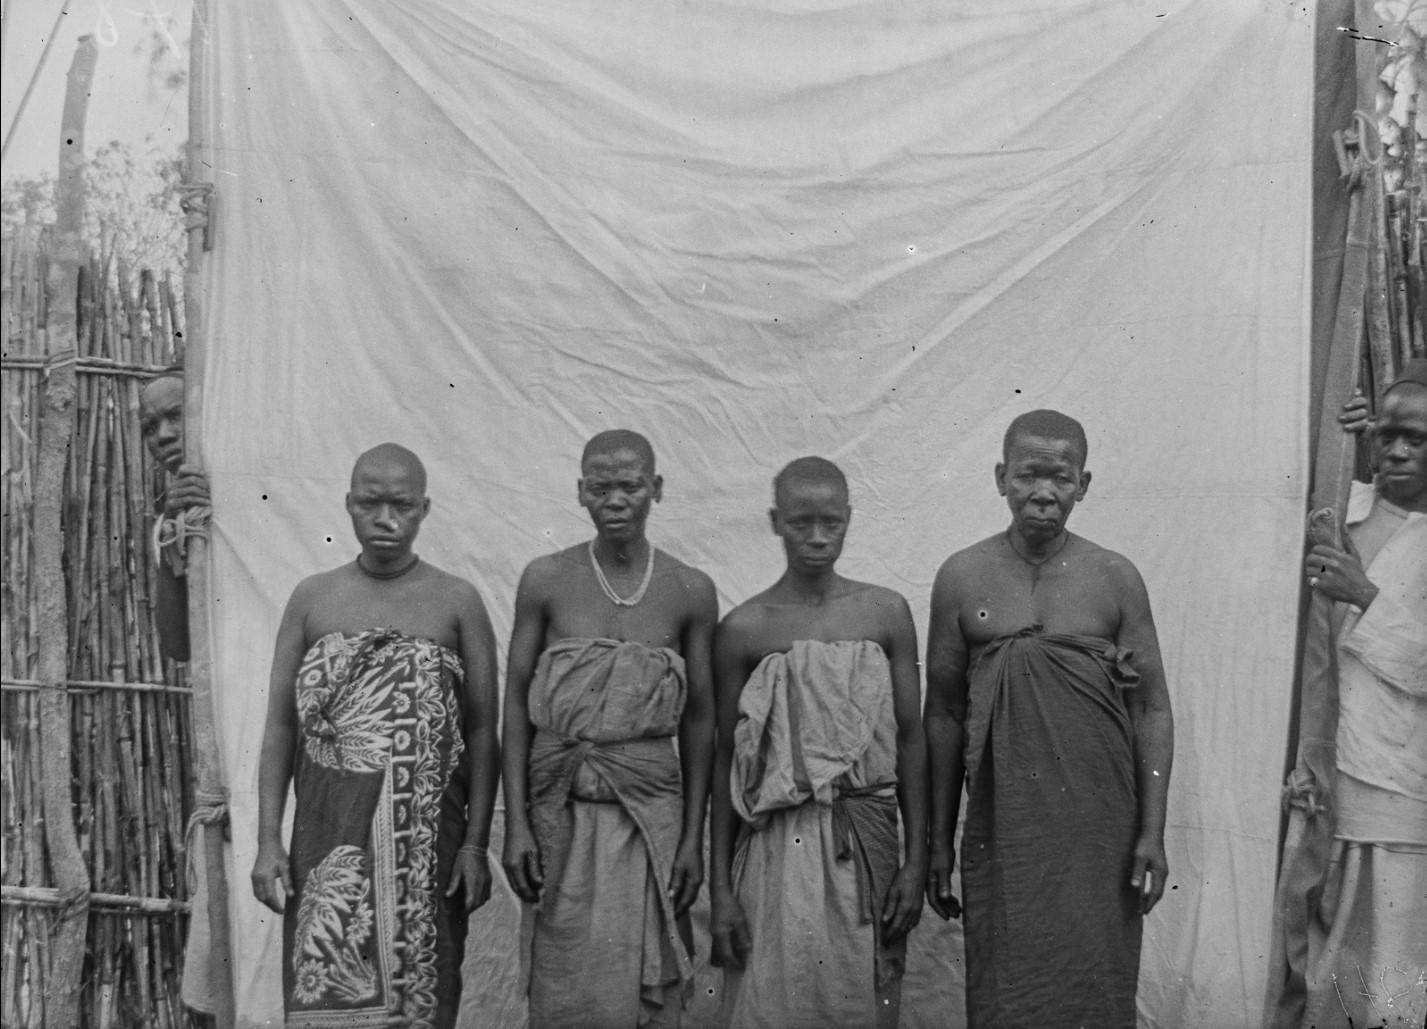 19. Антропометрическое изображение четырех женщин яо